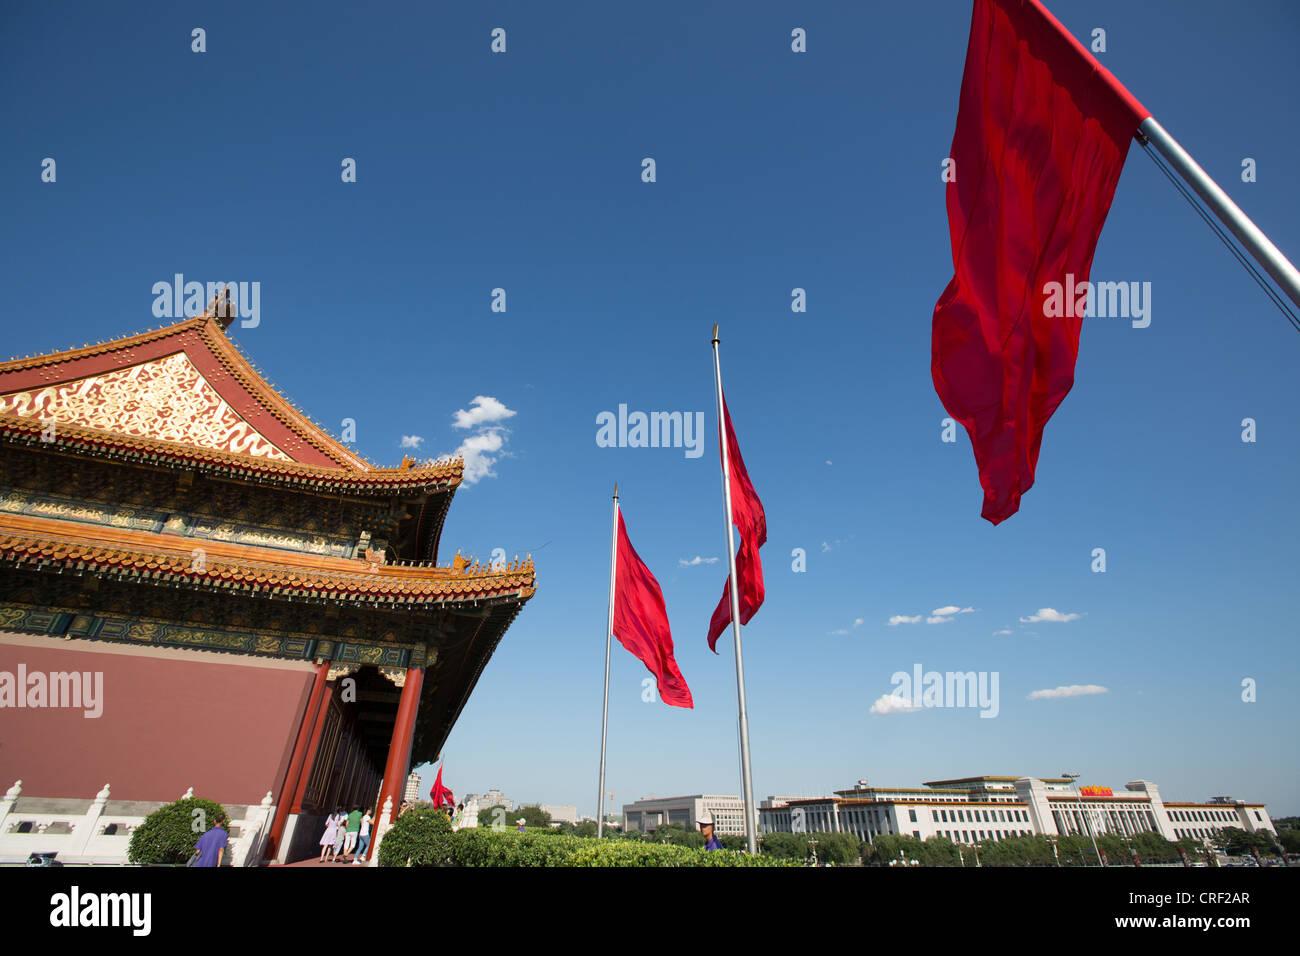 Porte de la paix céleste, à l'entrée de la Cité Interdite, Tian de Sq, Beijing, Chine. Photo Stock